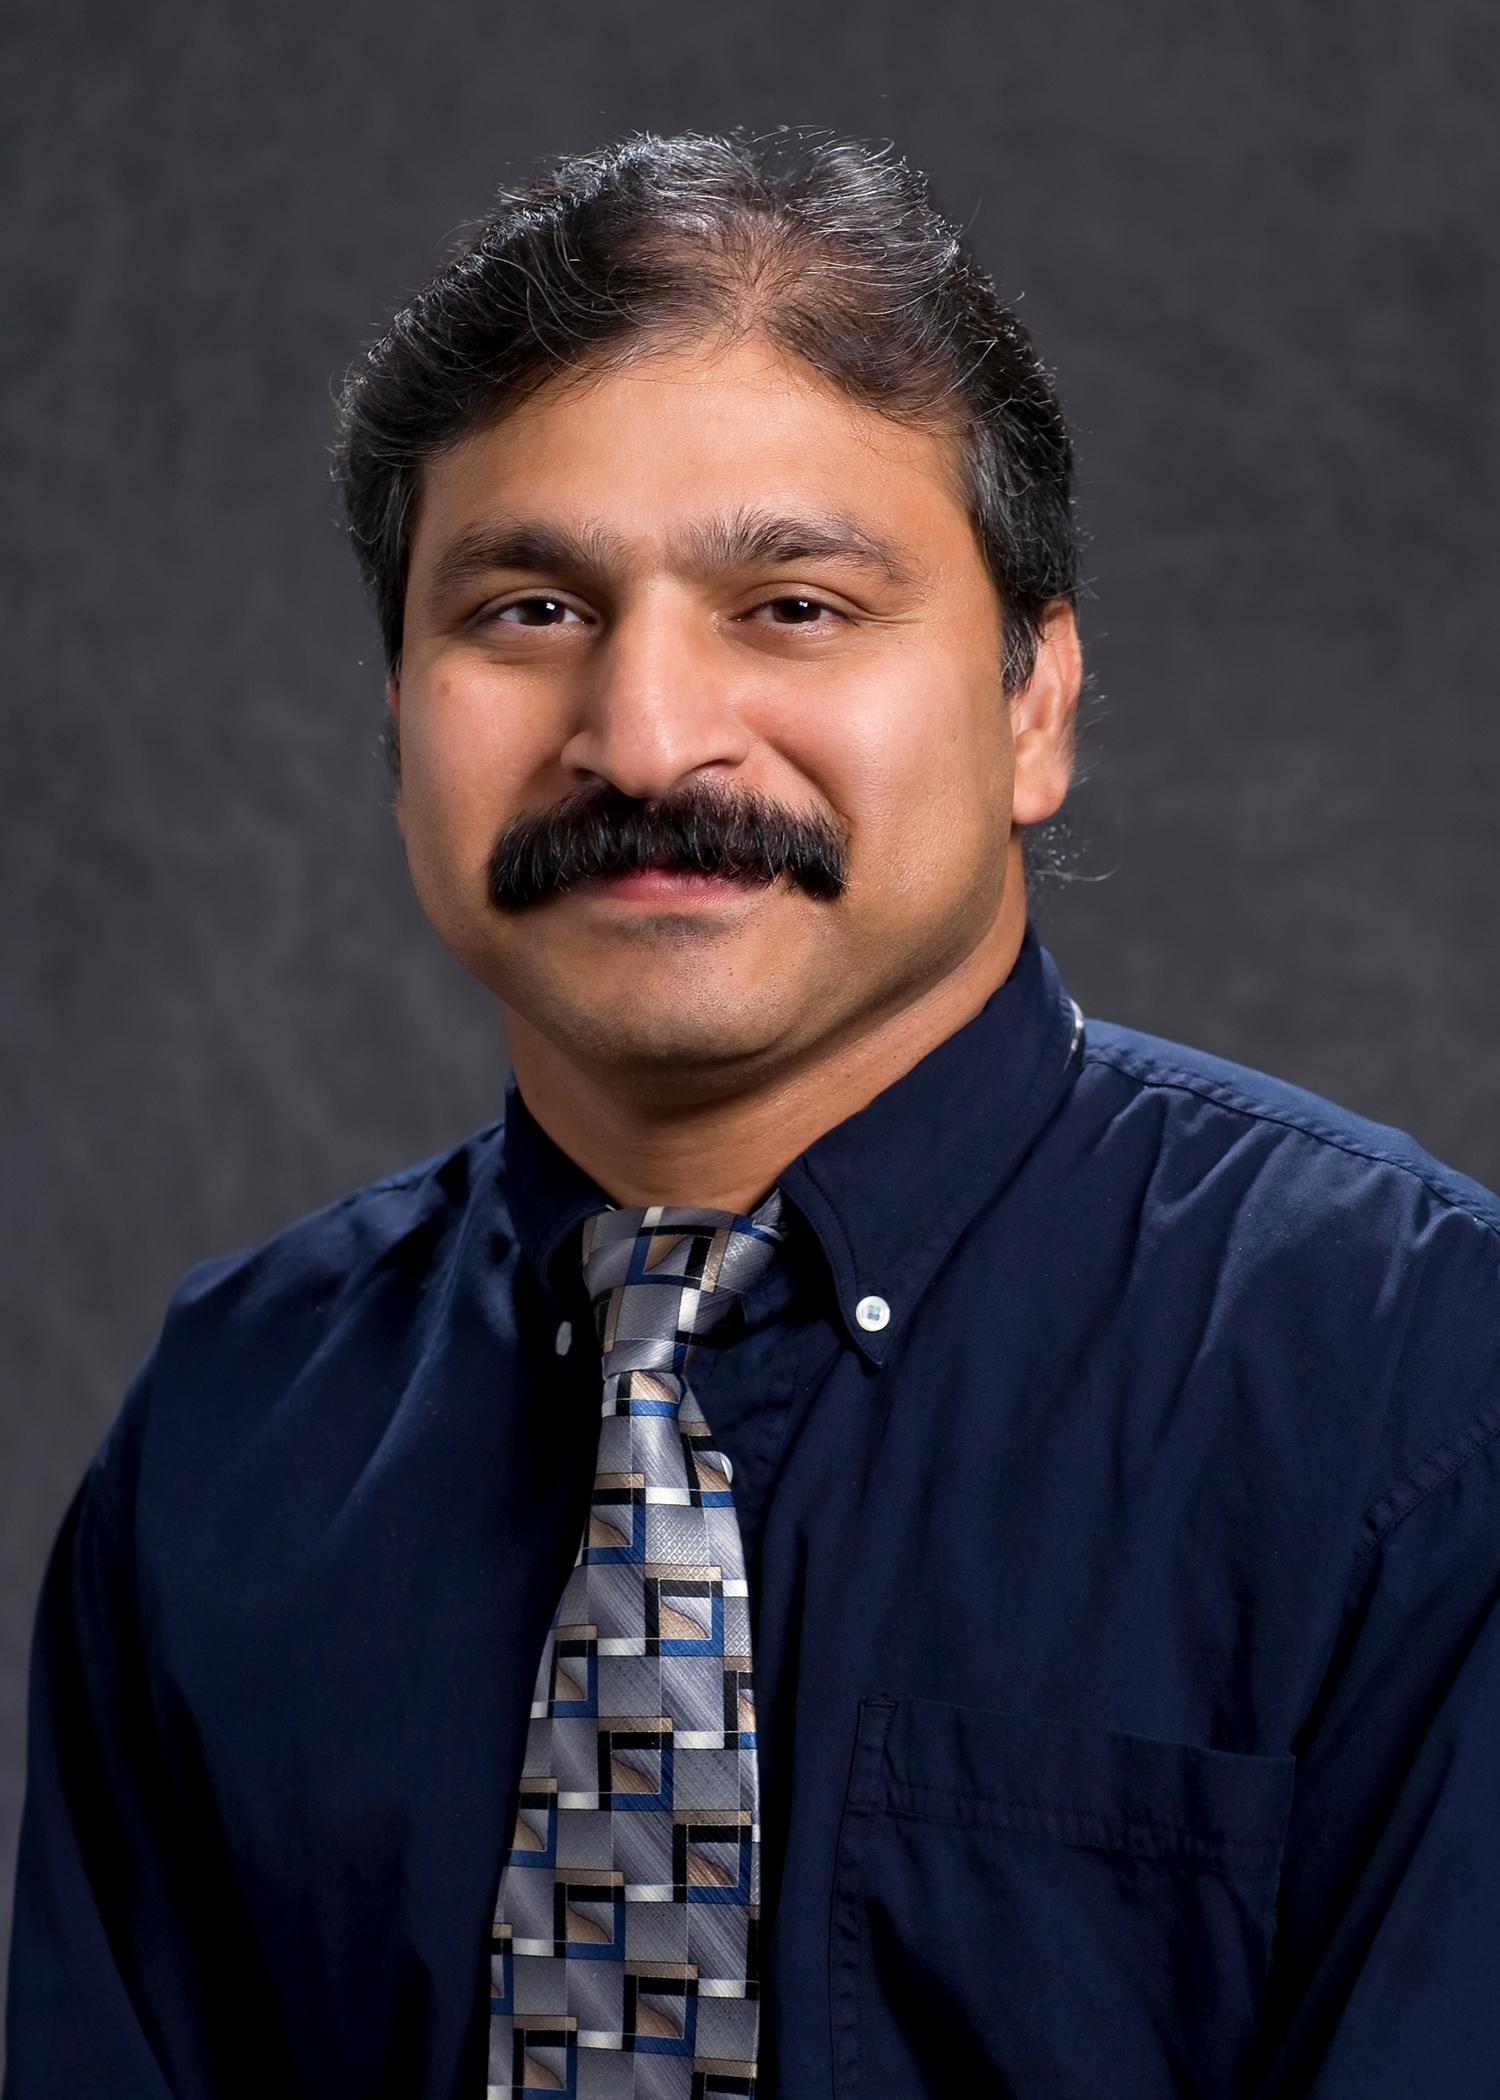 Joseph Francis, BVSc, MVSc, PhD